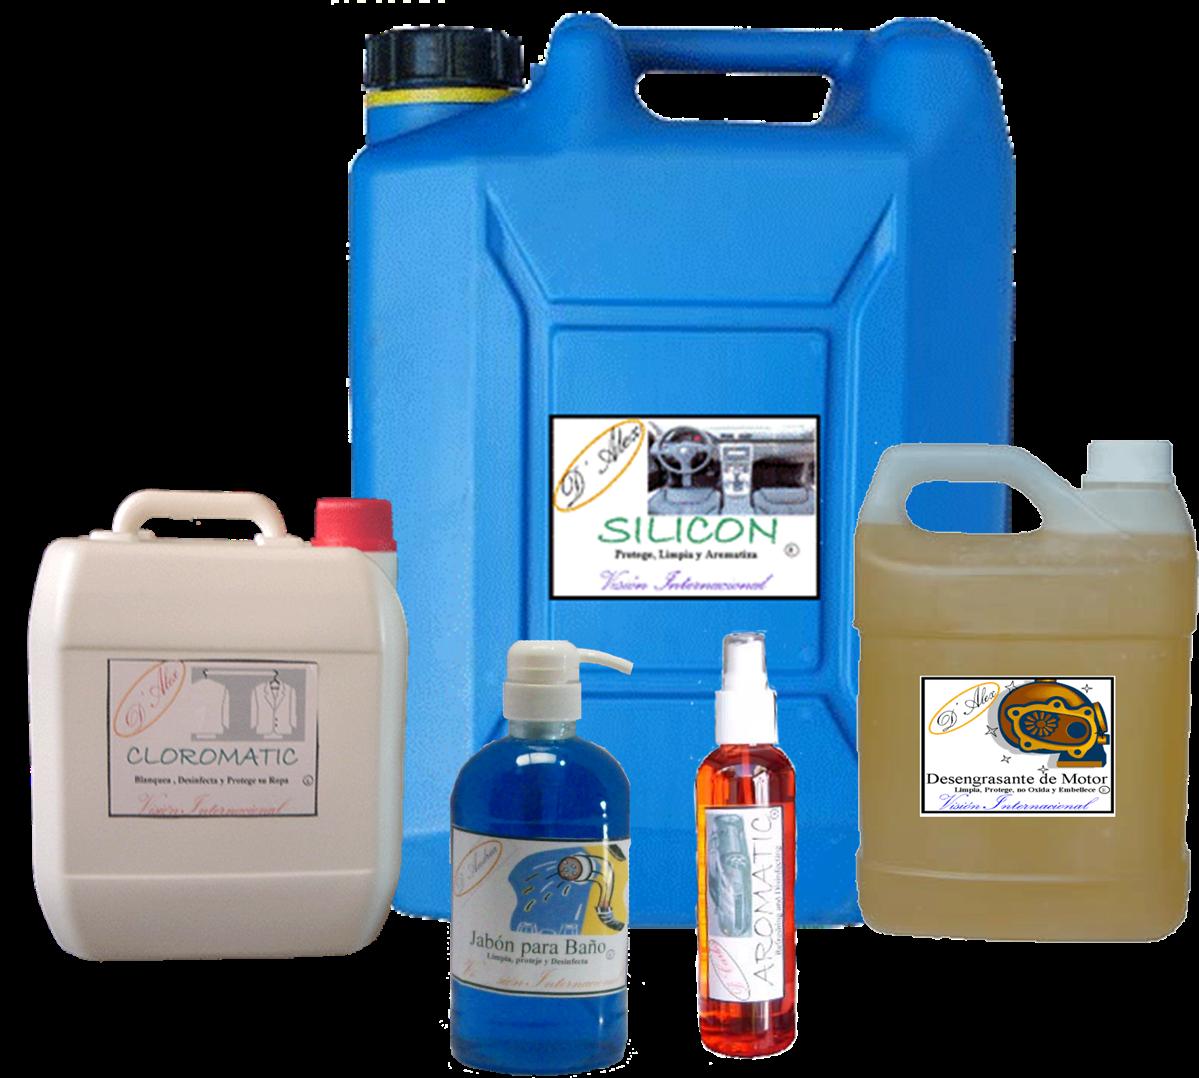 Vision internacional productos de limpieza para la oficina for Productos oficina